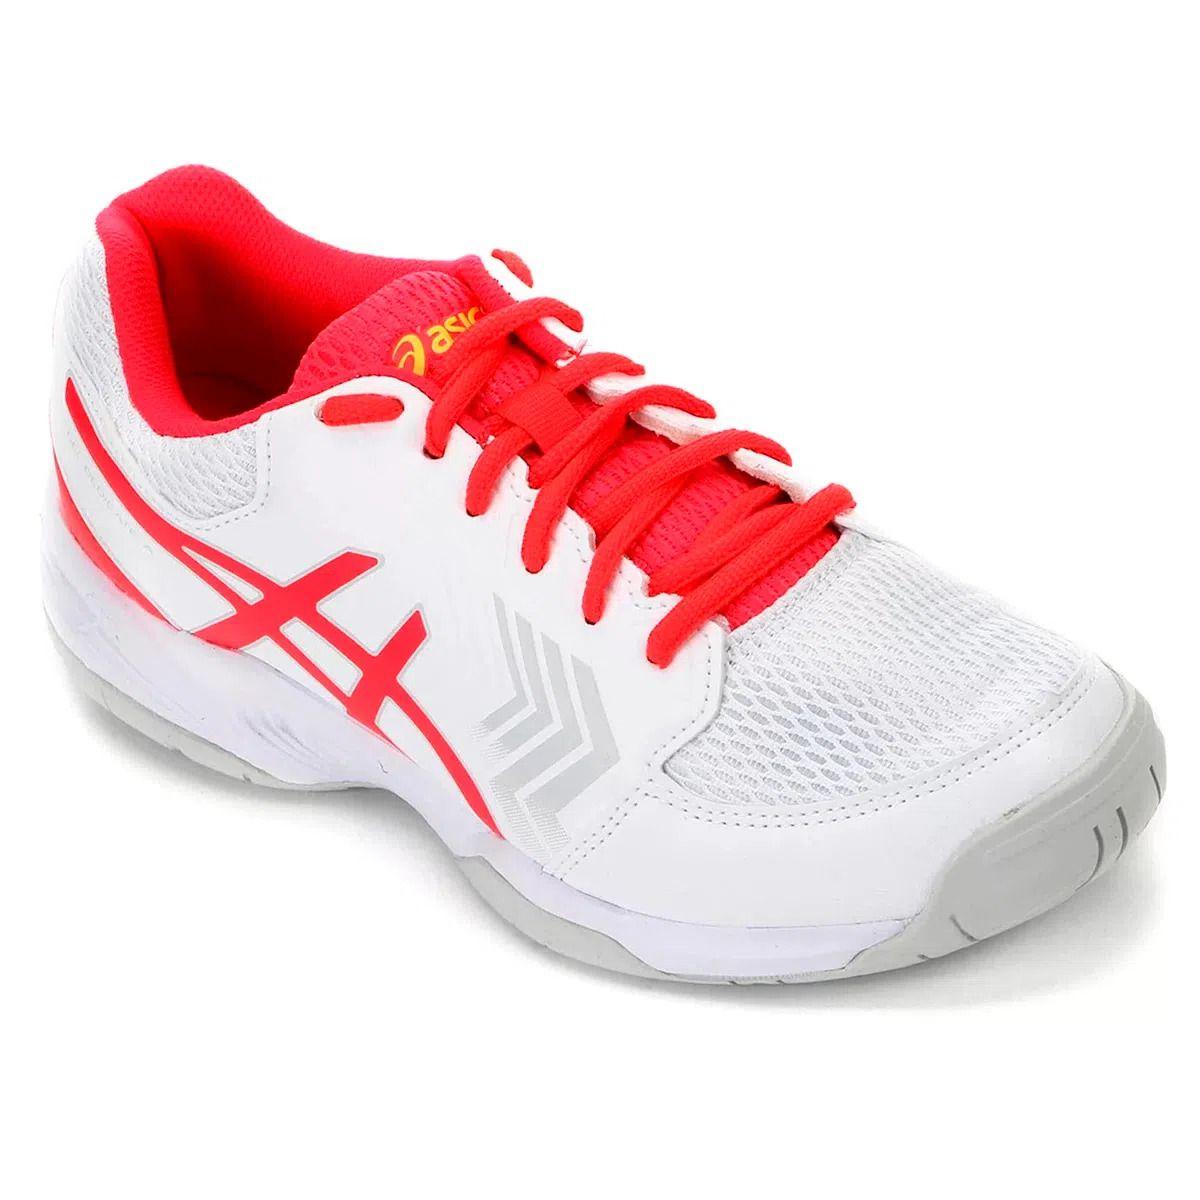 Tenis Asics Gel Dedicate 5A Branco/Rosa